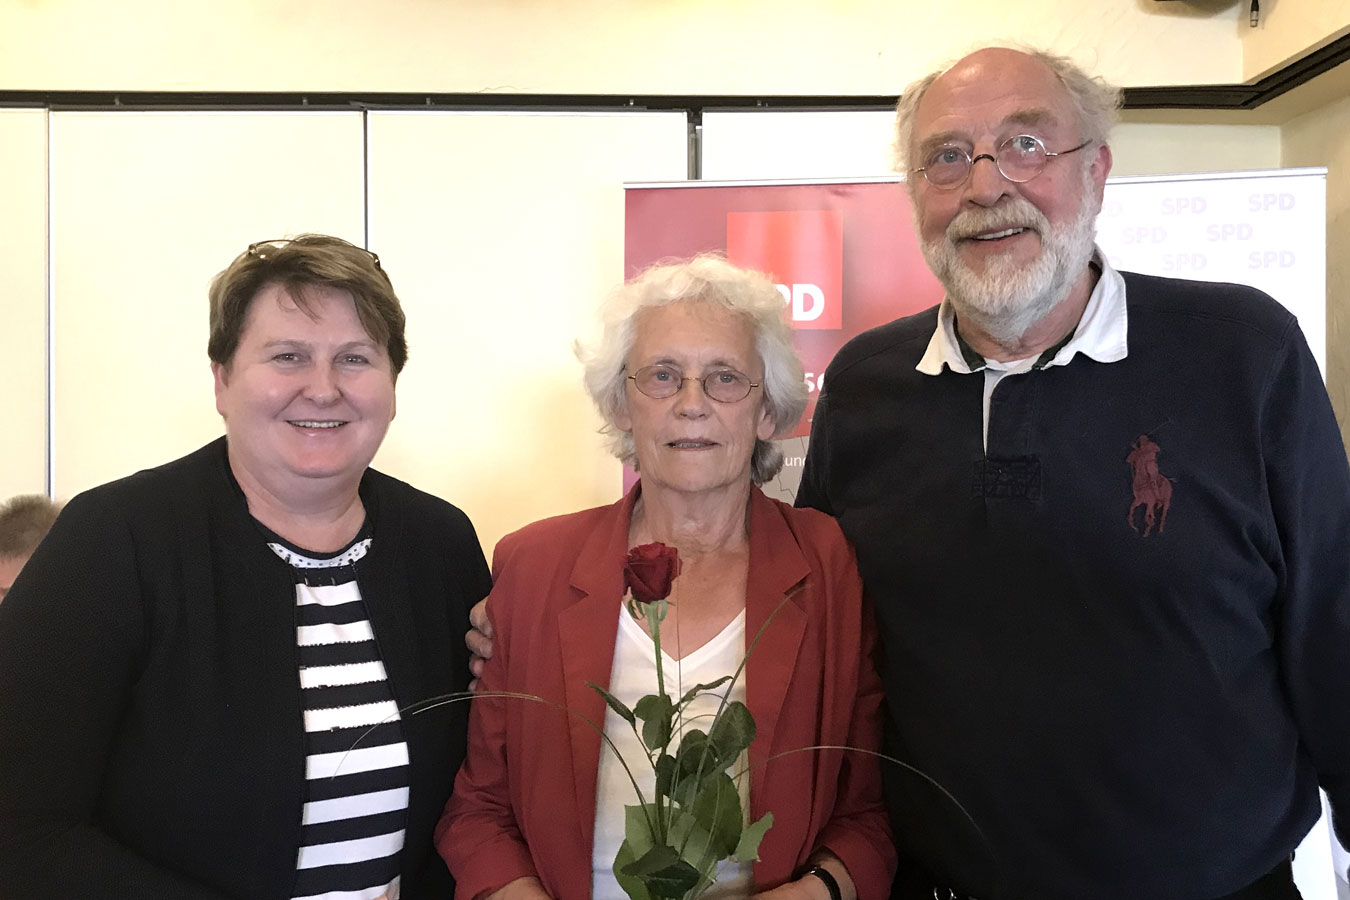 v.l.: SPD-Fraktionsvorsitzende im Landtag Johanne Modder, 60plus-Vorsitzende Regine Romahn und der bisherige 60plus-Vorsitzende Gerd Groskurt